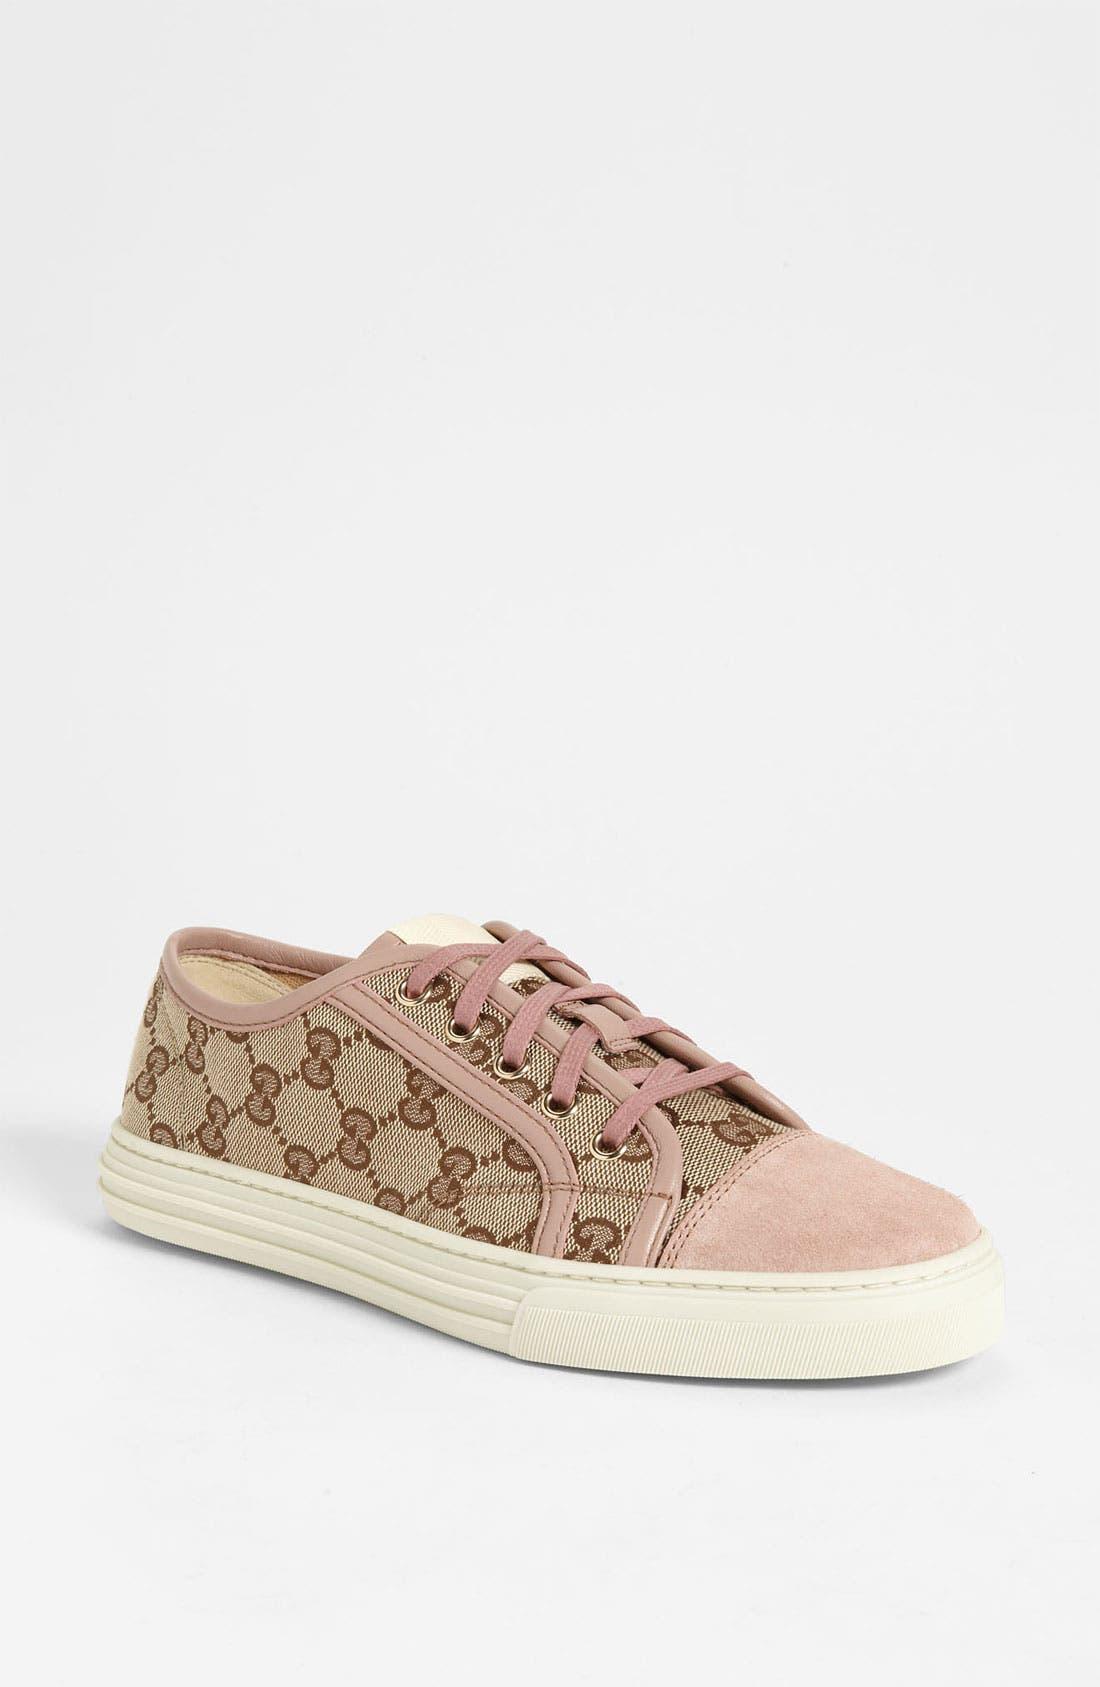 Alternate Image 1 Selected - Gucci 'California Low' Sneaker